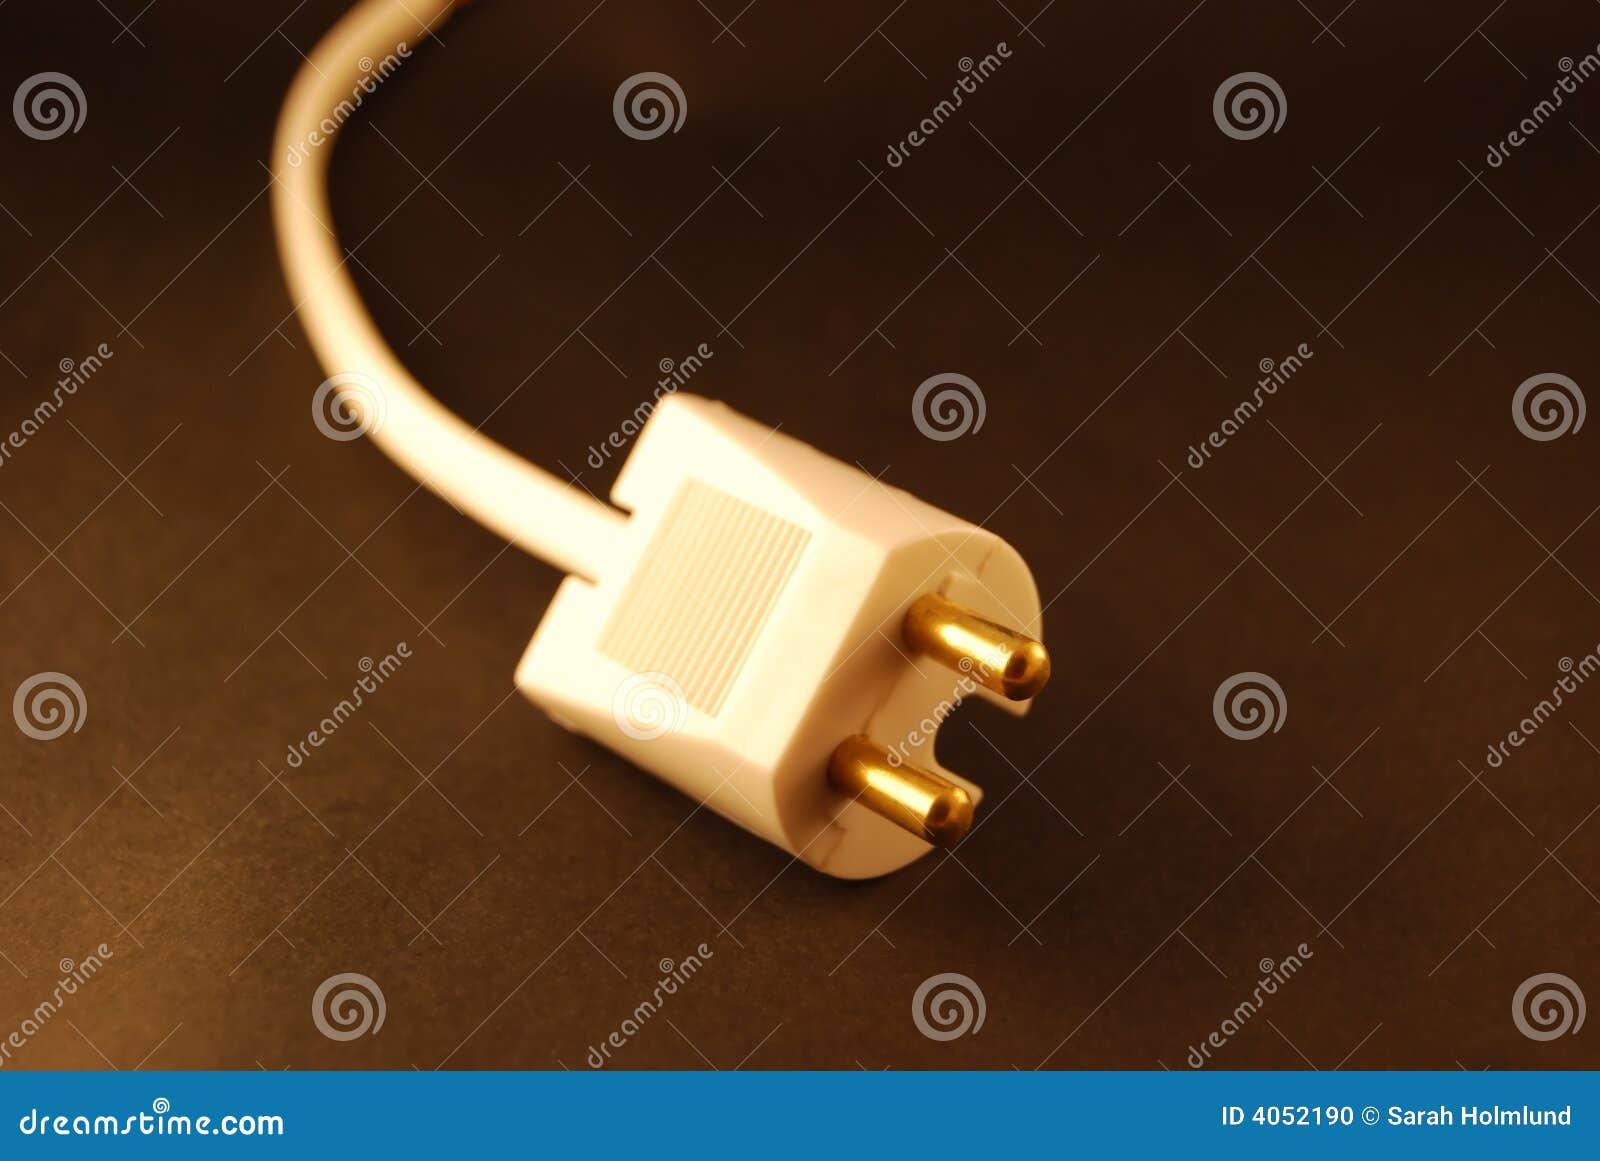 Cabo de potência desconectado